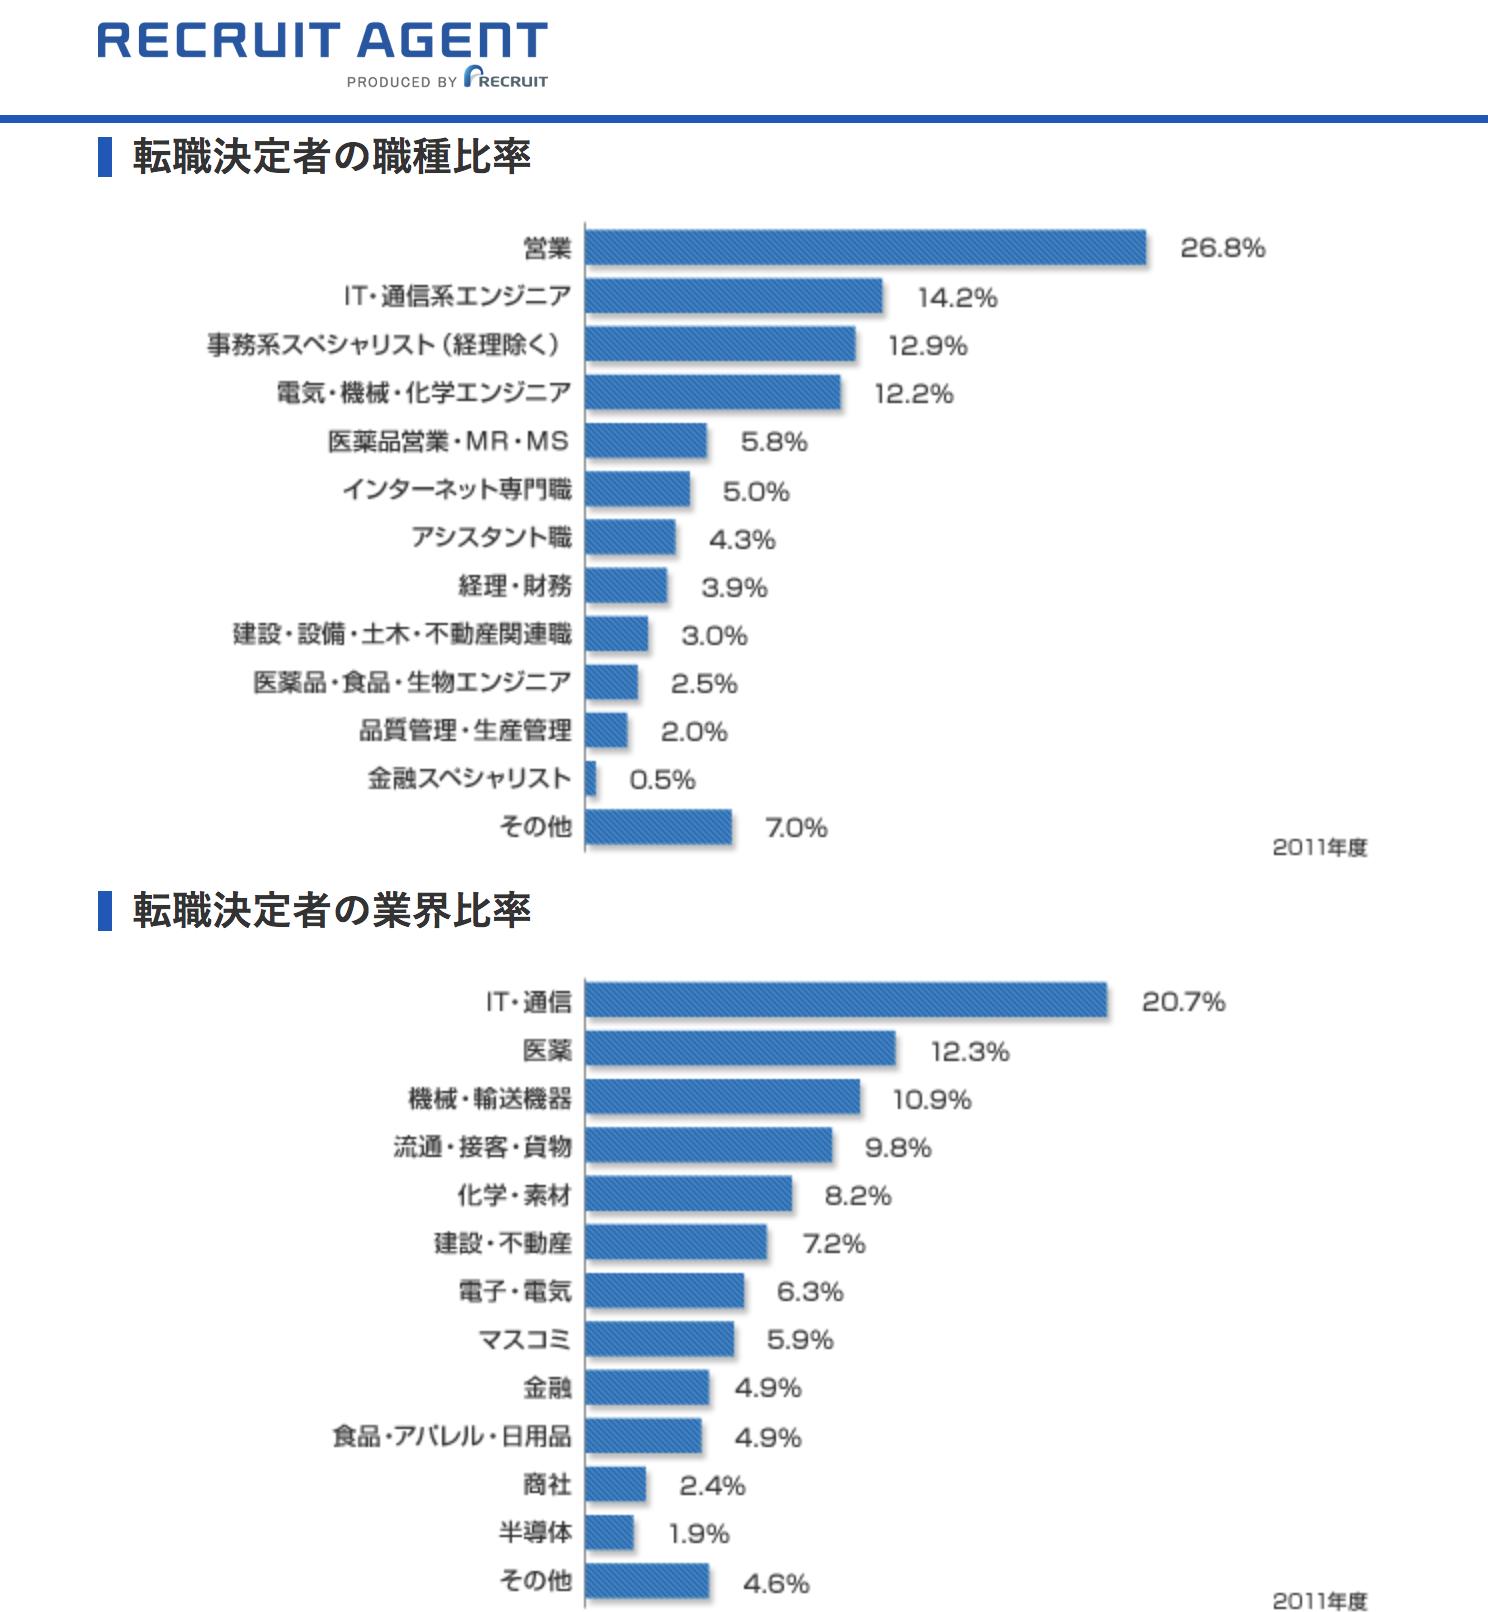 リクルートエージェントの転職決定者の業界比率